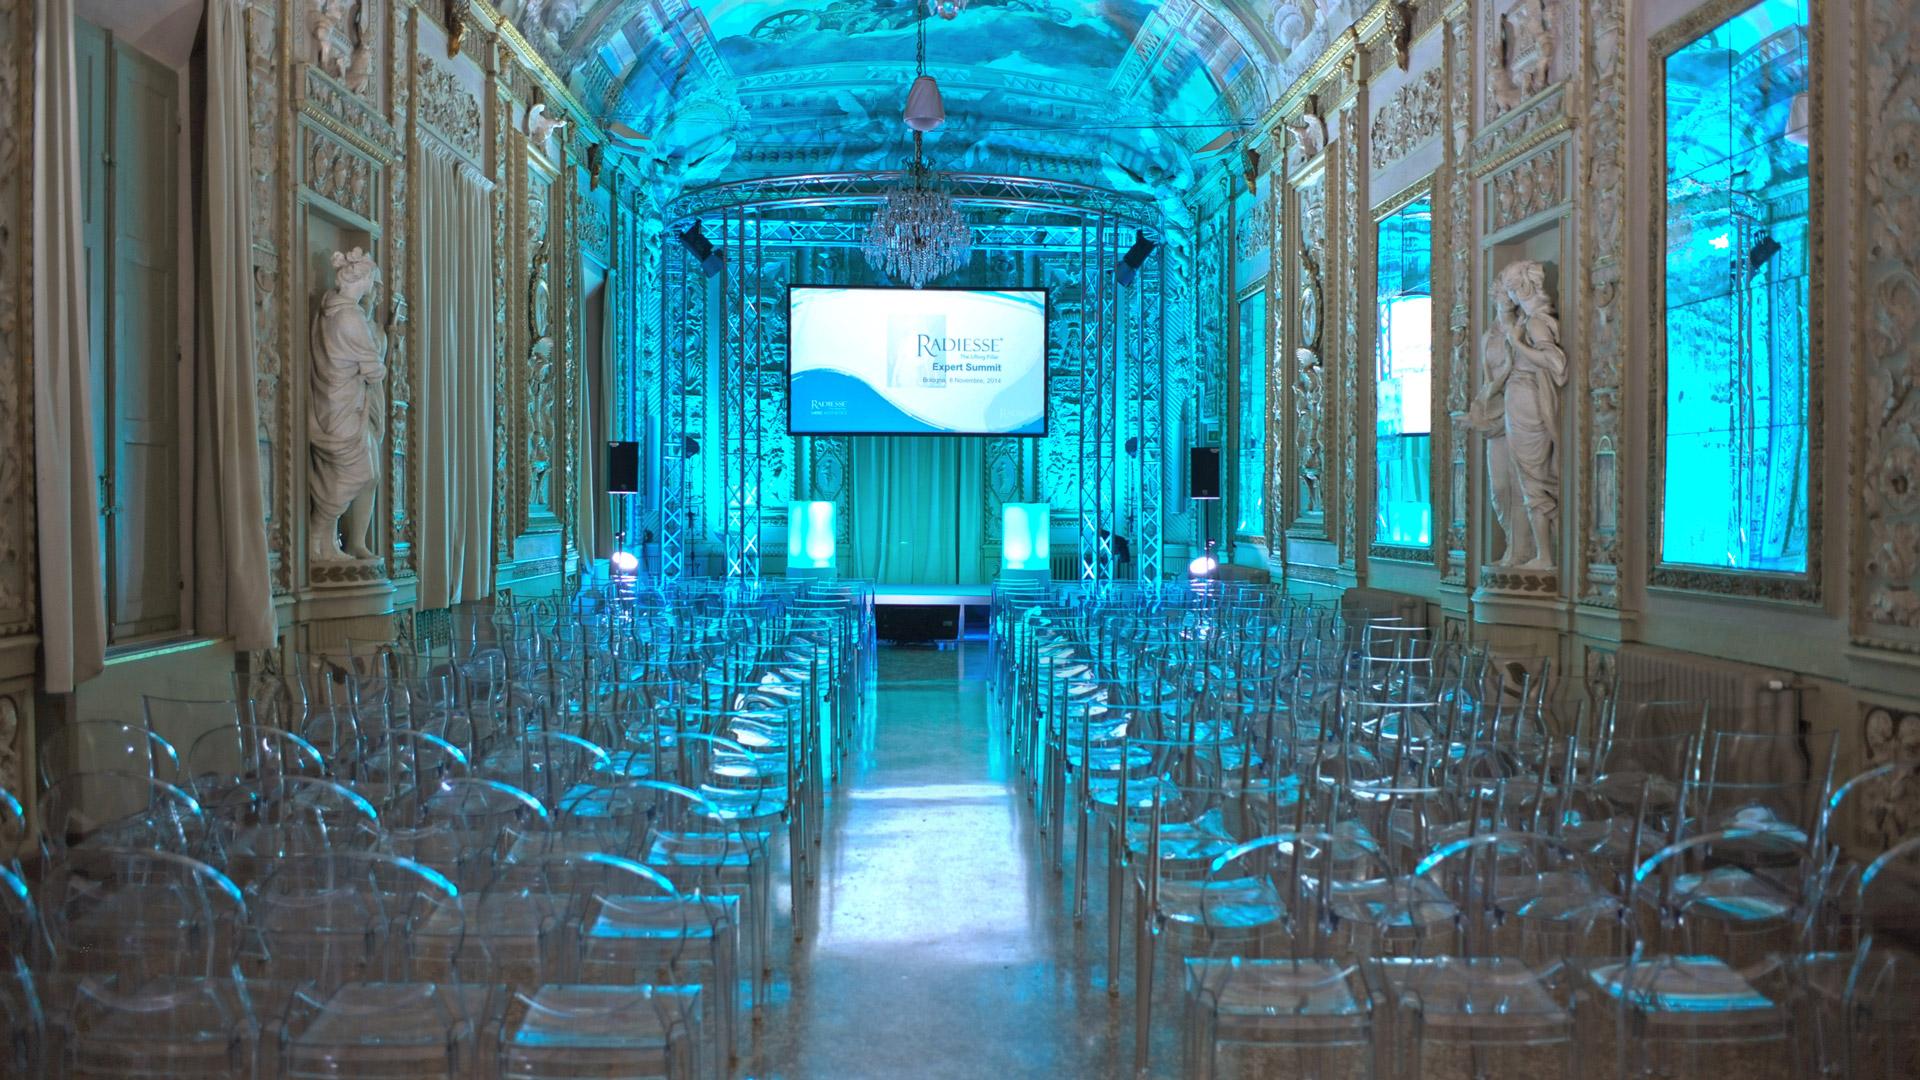 Con la sua pluriennale esperienza l'AURUM Team accompagna i suoi clienti organizzando ogni evento nei minimi dettagli per renderlo un successo speciale.